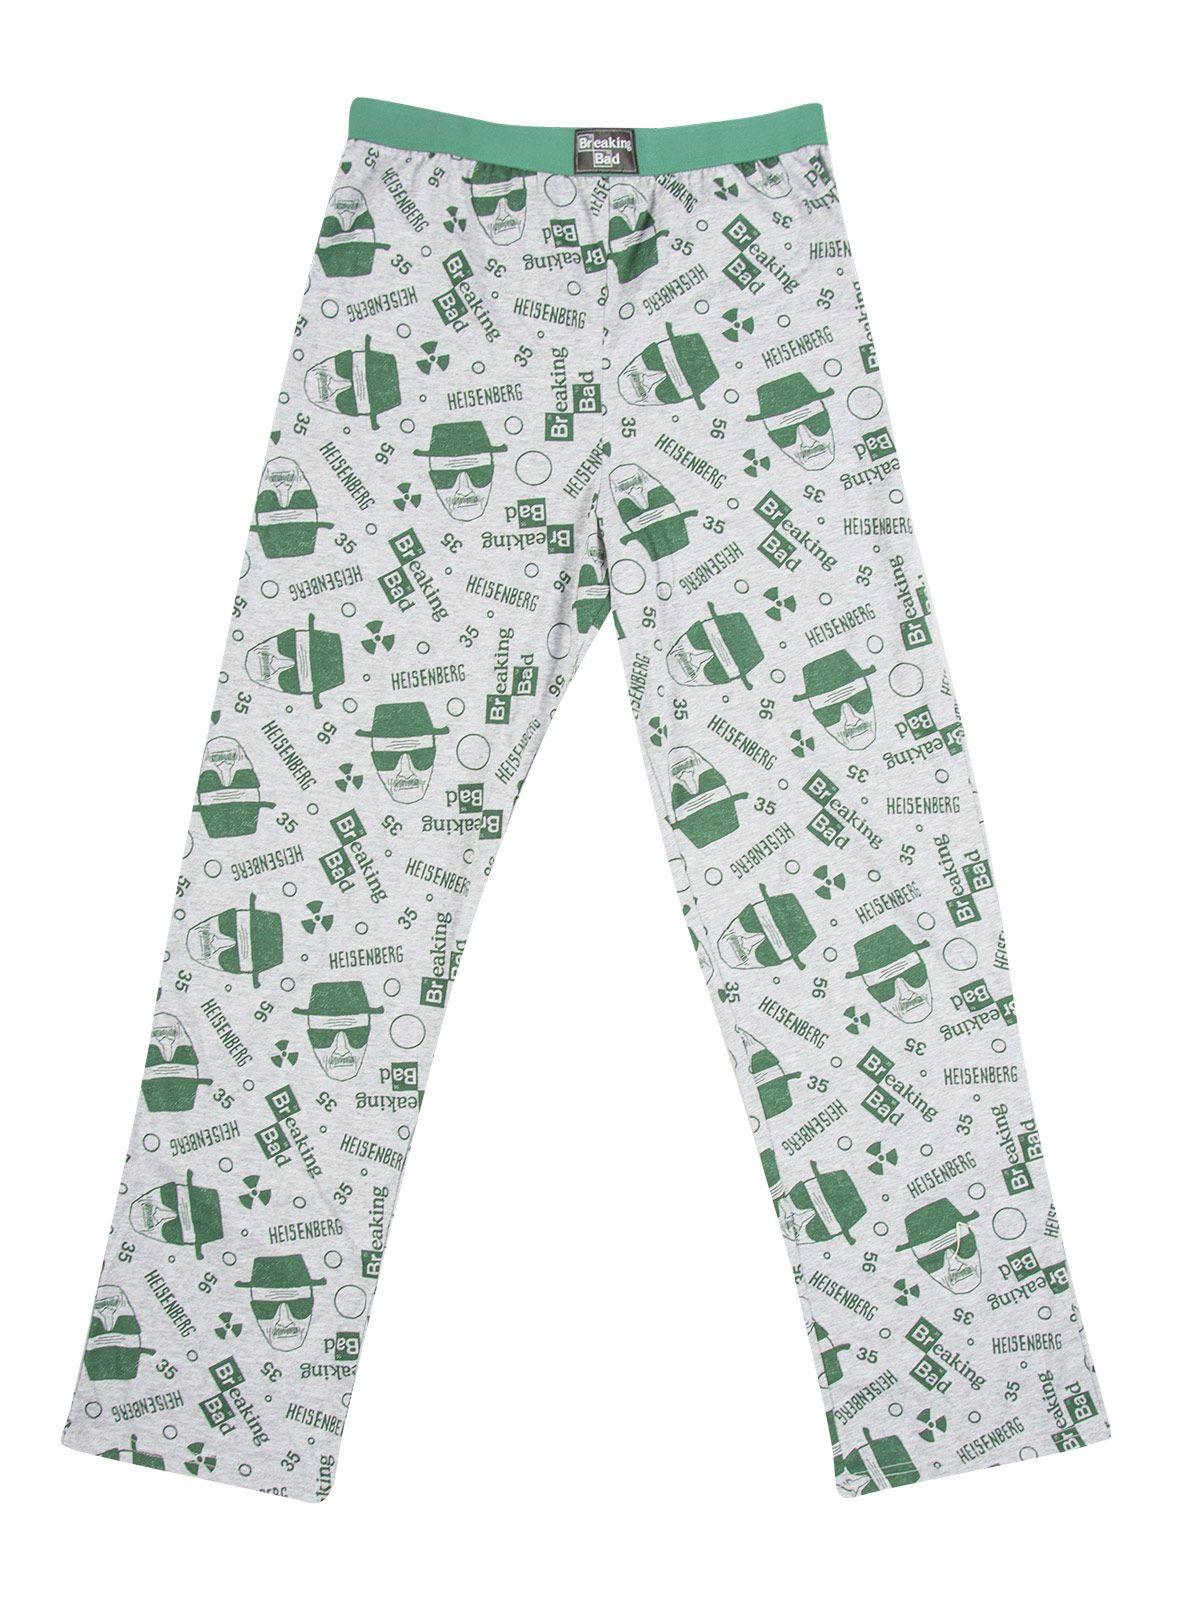 Breaking Bad Jogginghose Lizenzartikel grau-grün. aus der Kategorie Fanartikel Film, Serie & Kult. In dieser sensationellen Breaking Bad Jogginghose können Sie es sich so richtig bequem machen, wenn Sie mit dem Meth-Kochen fertig sind. Die Freizeithose ist mit zahlreichen Heisenberg-Köpfen, chemischen  Elementen und dem Breaking Bad Logo bedruckt und sieht einfach großartig aus!